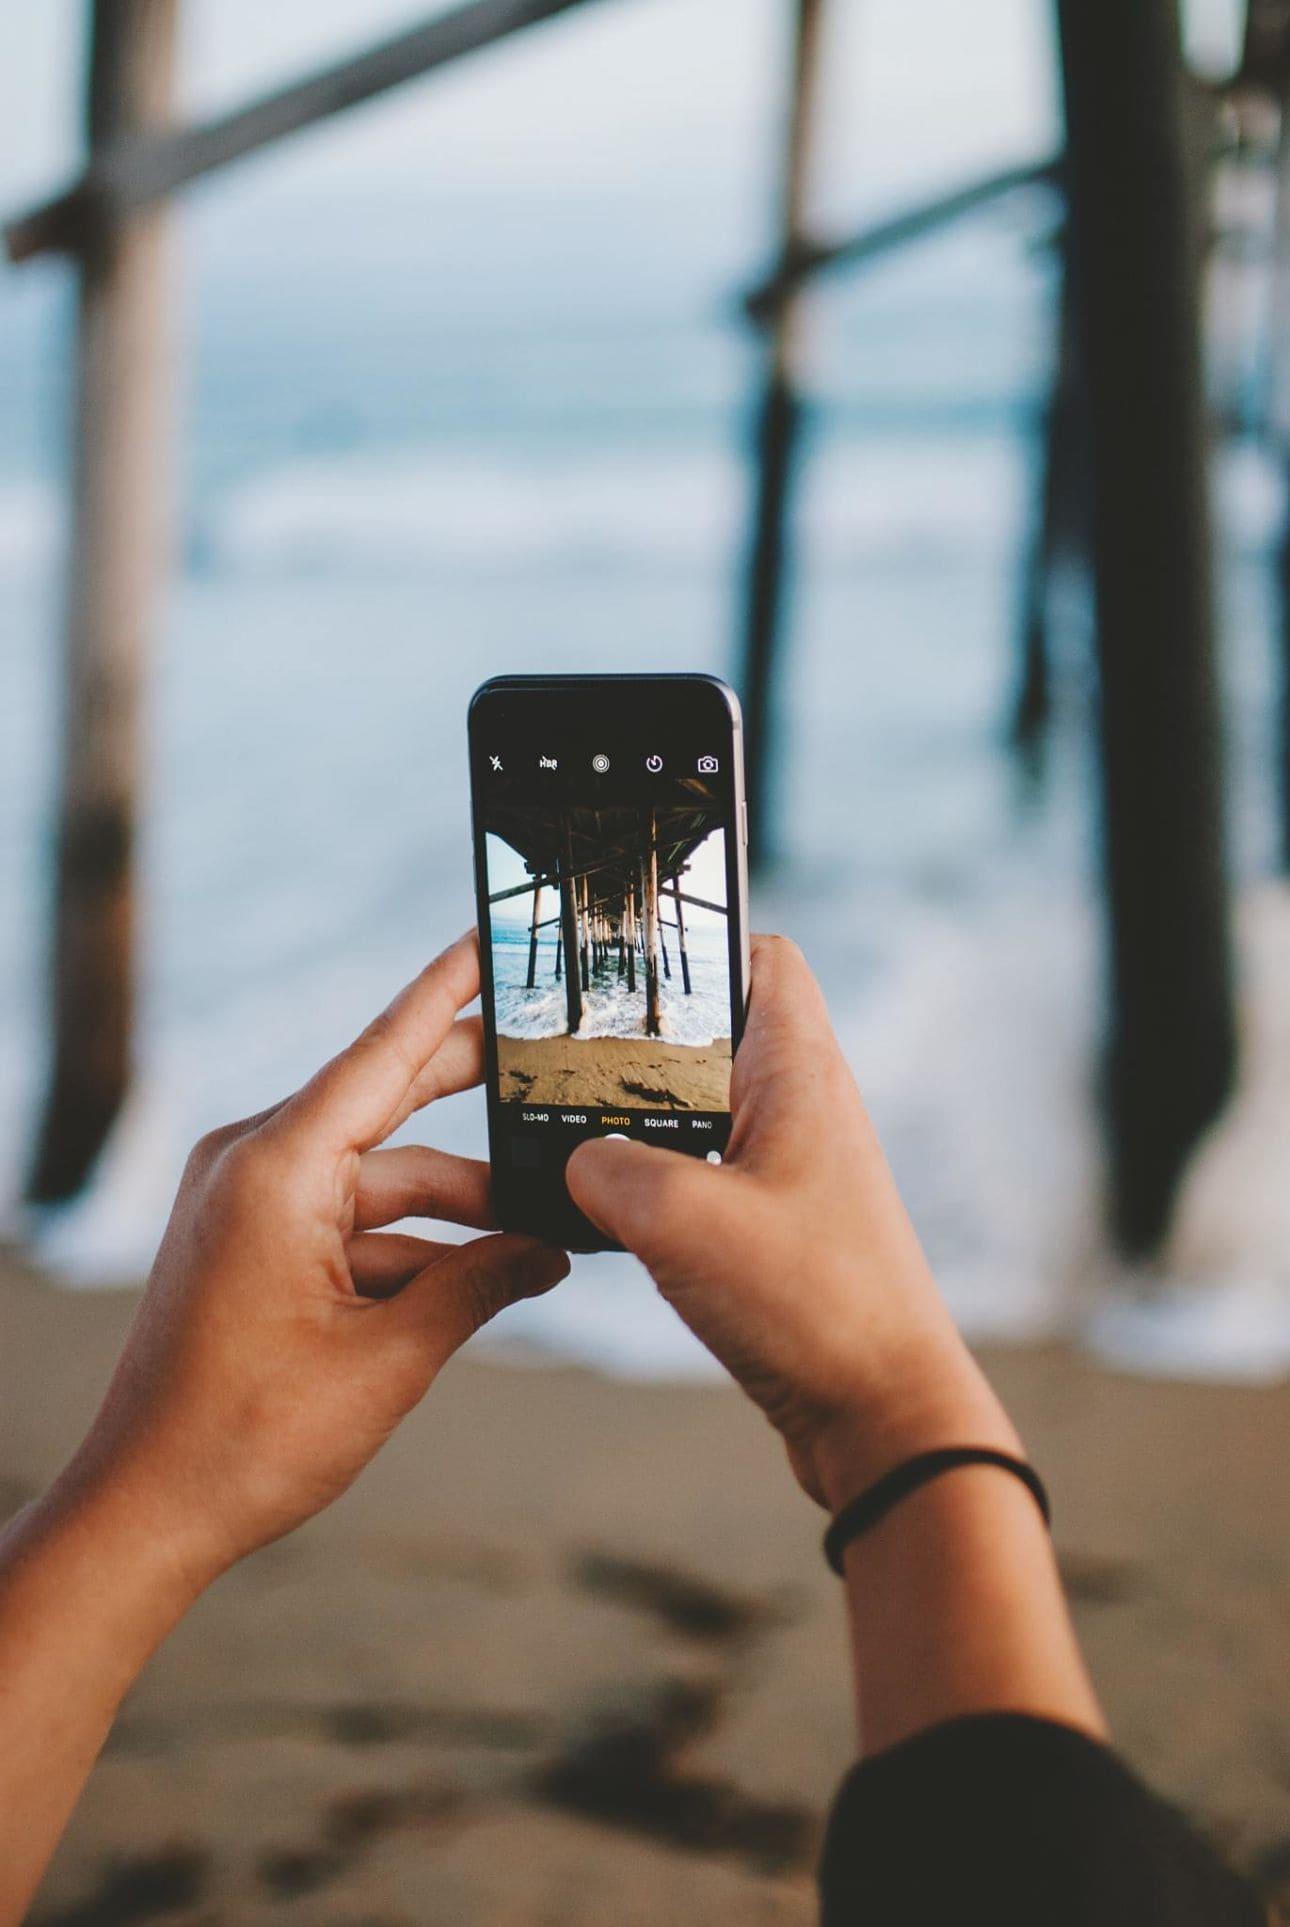 Mejores APPS para editar fotos en tu móvil